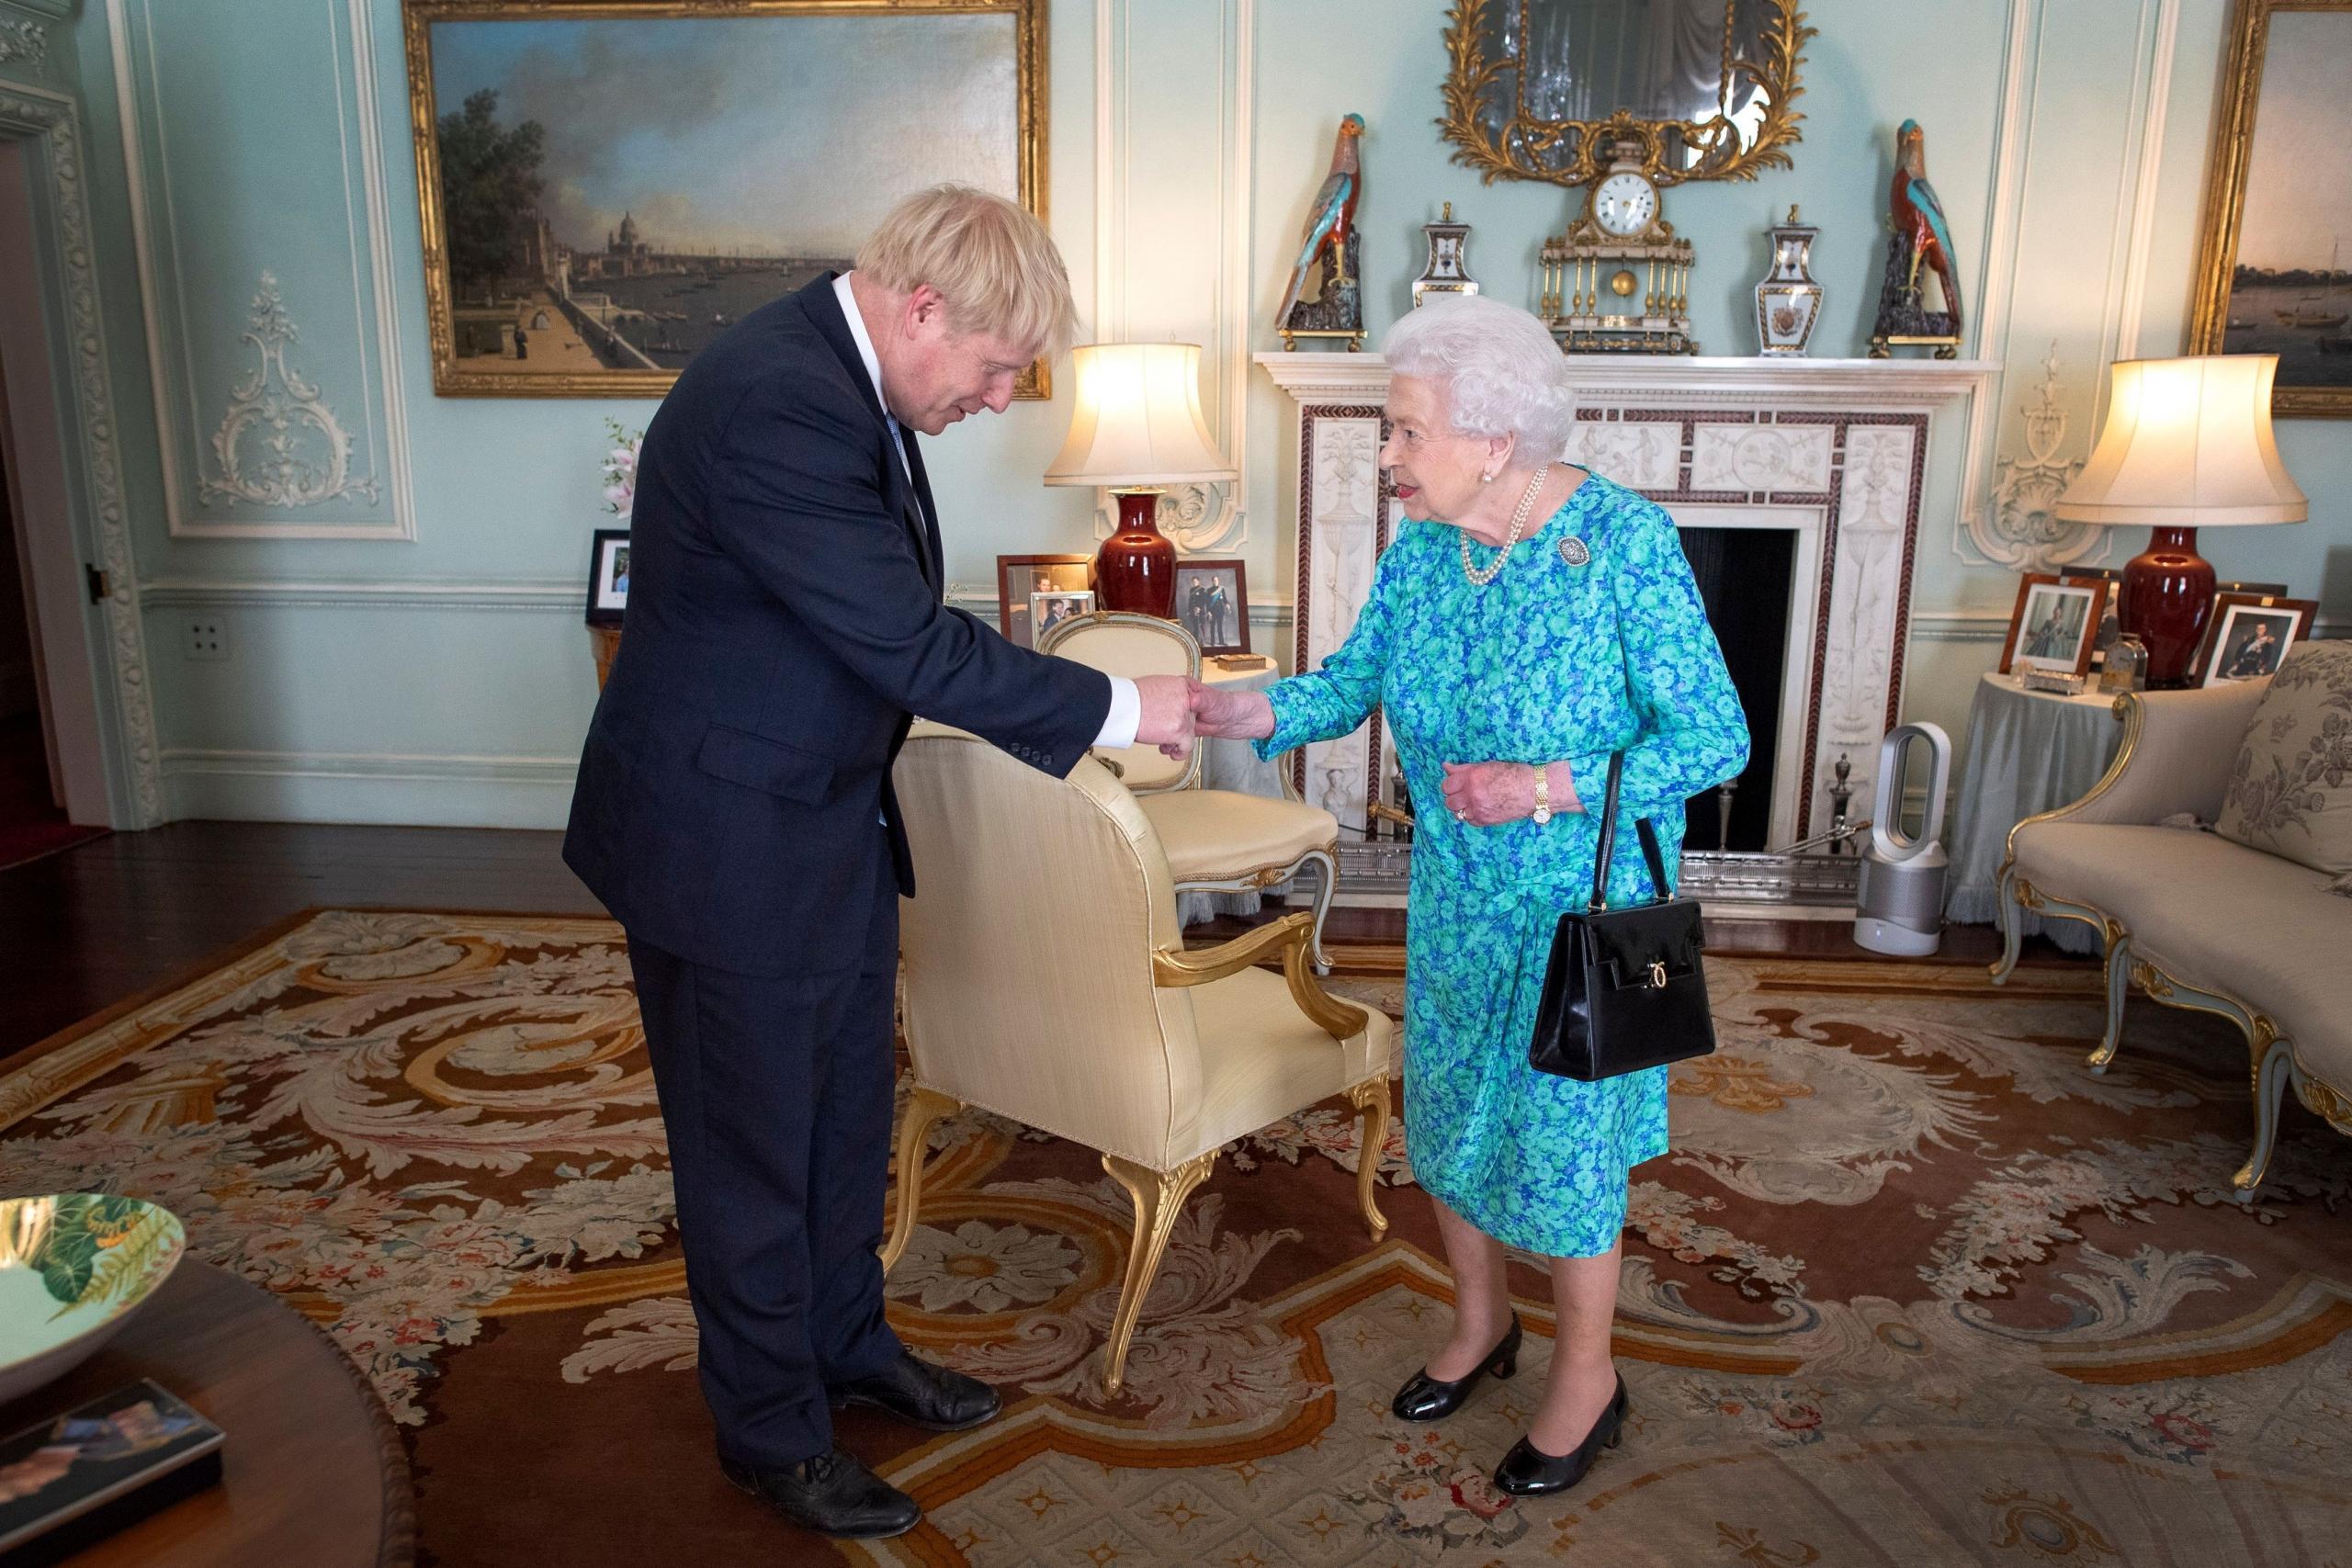 Brexit: Reina Isabel II firma acuerdo que separa al Reino Unido de la Unión Europea